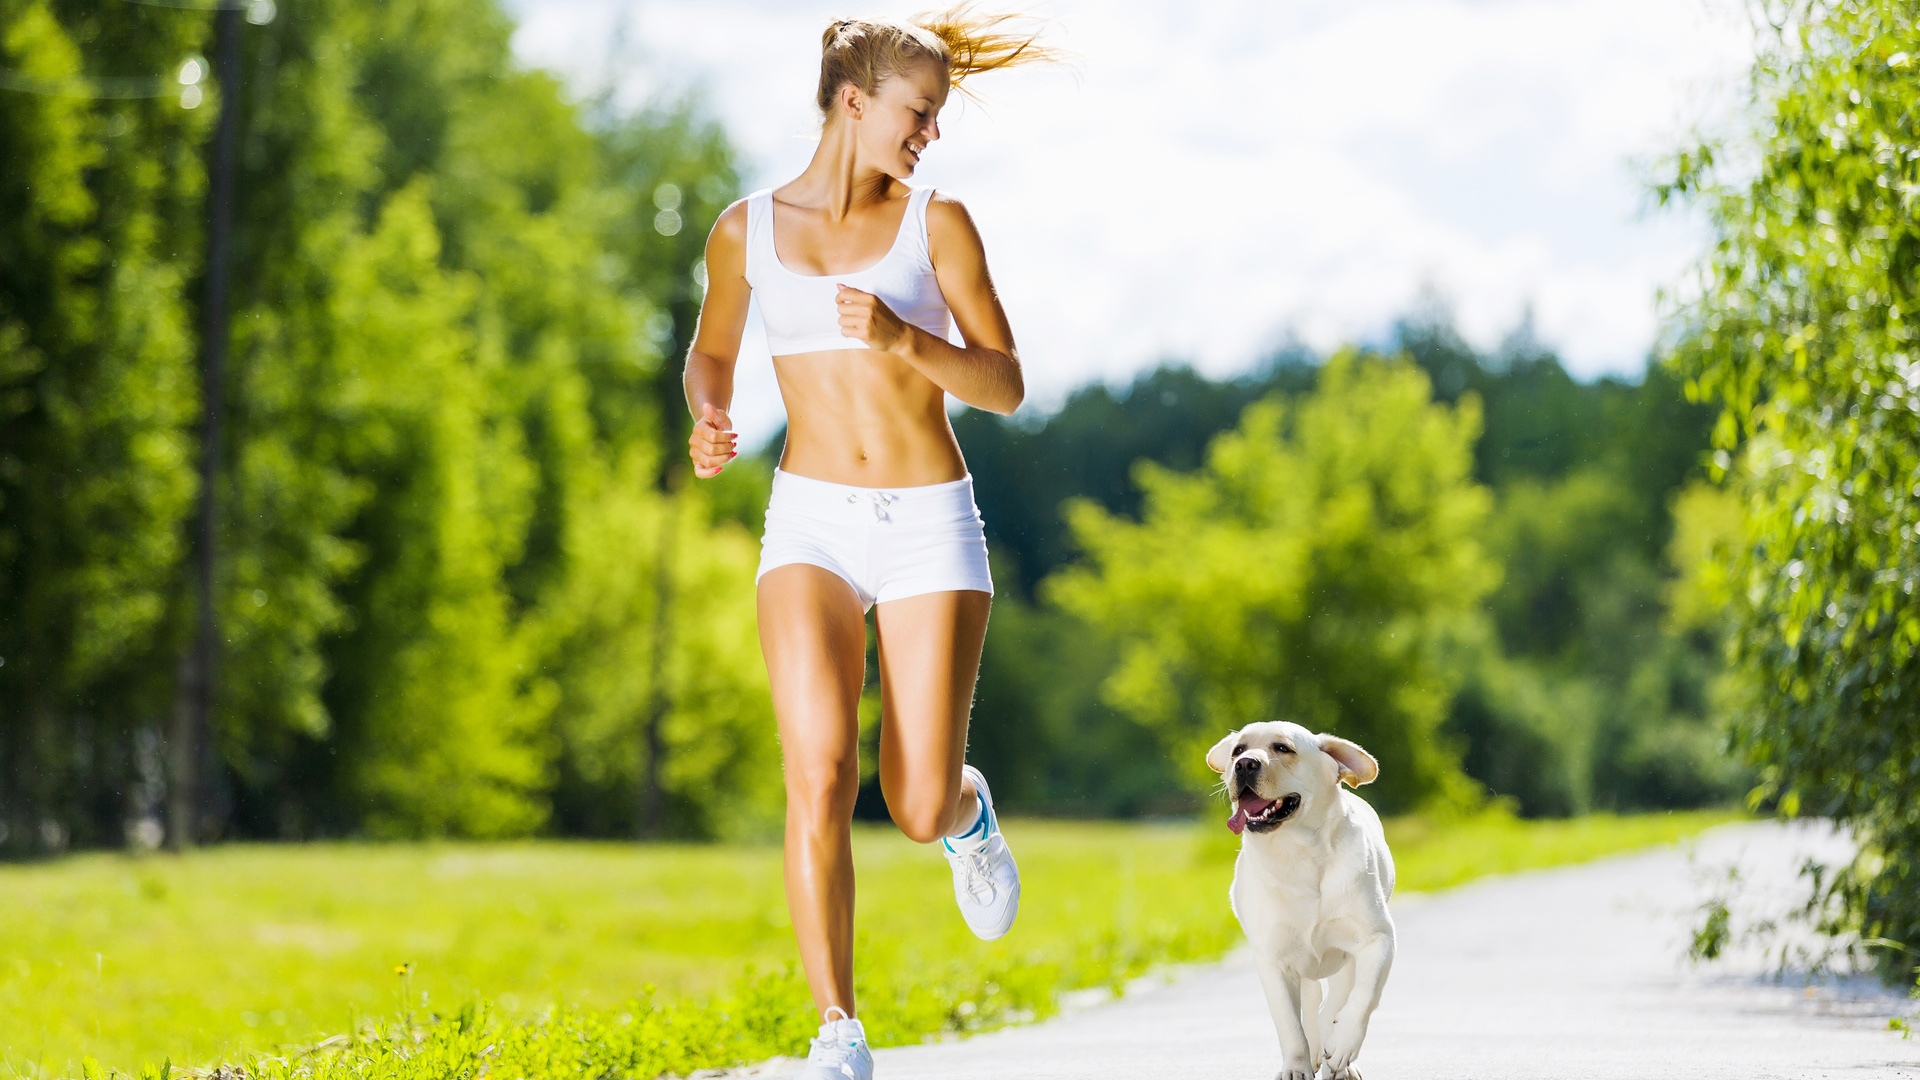 Спорт в помощь диете